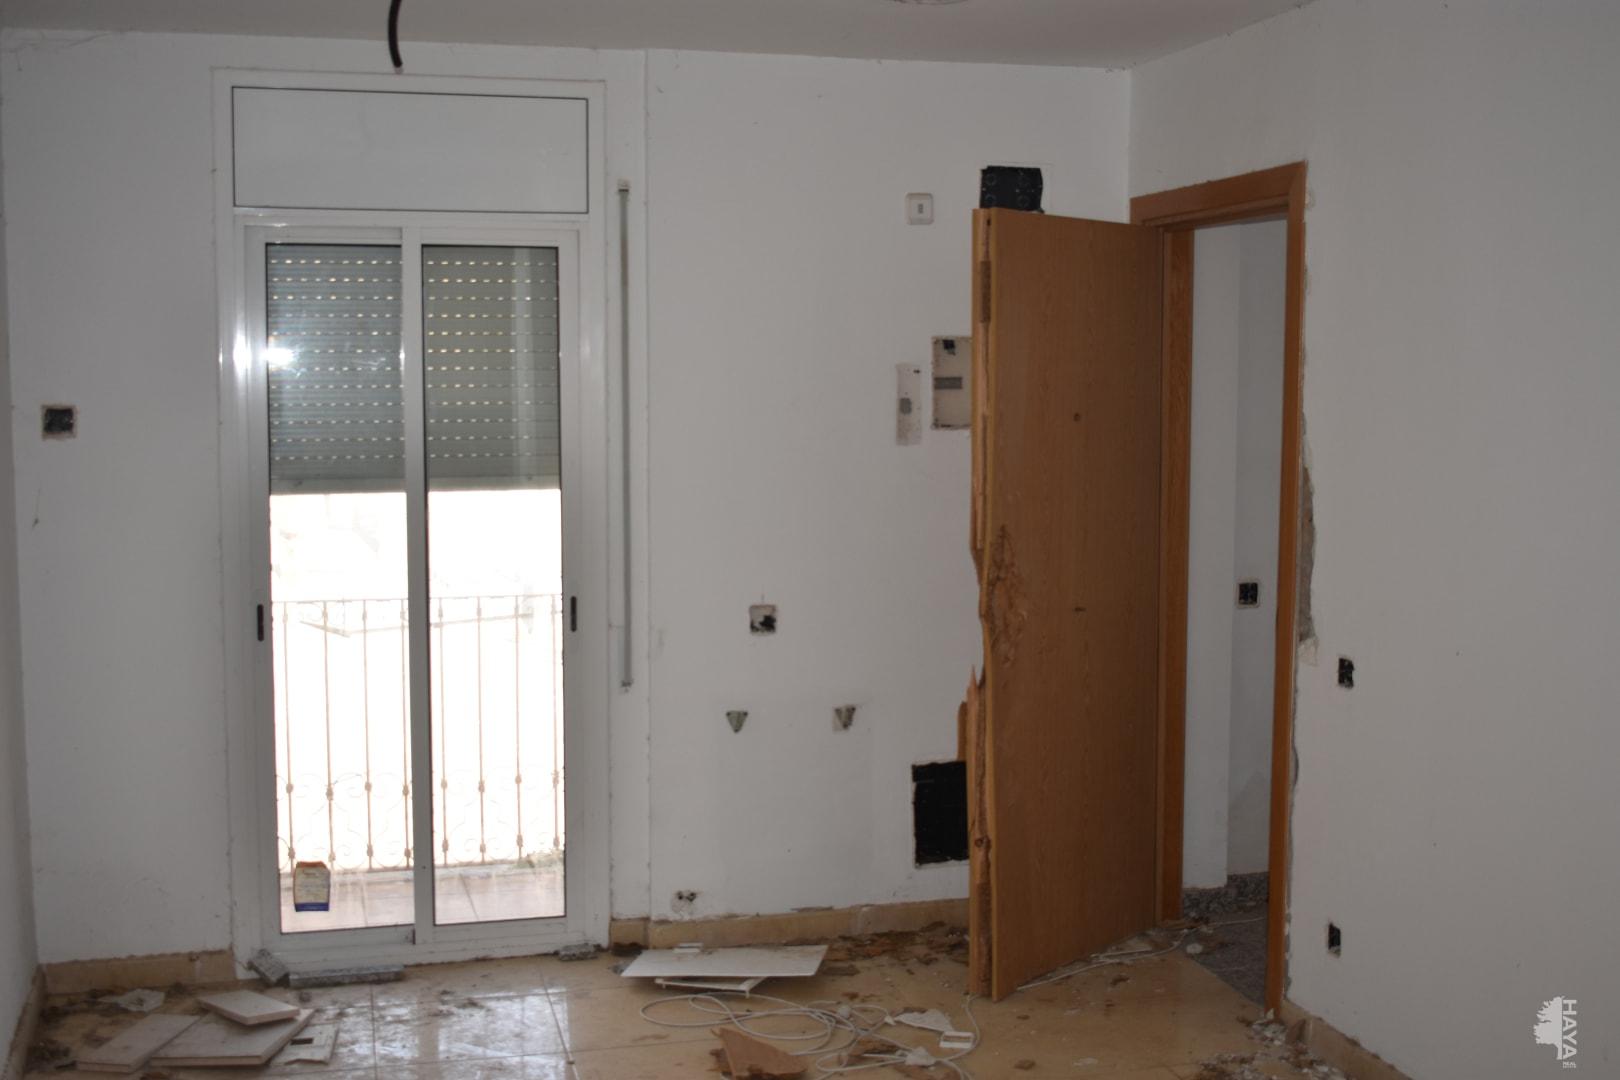 Piso en venta en Torroella de Montgrí, Girona, Calle Mar, 66.000 €, 1 habitación, 1 baño, 52 m2